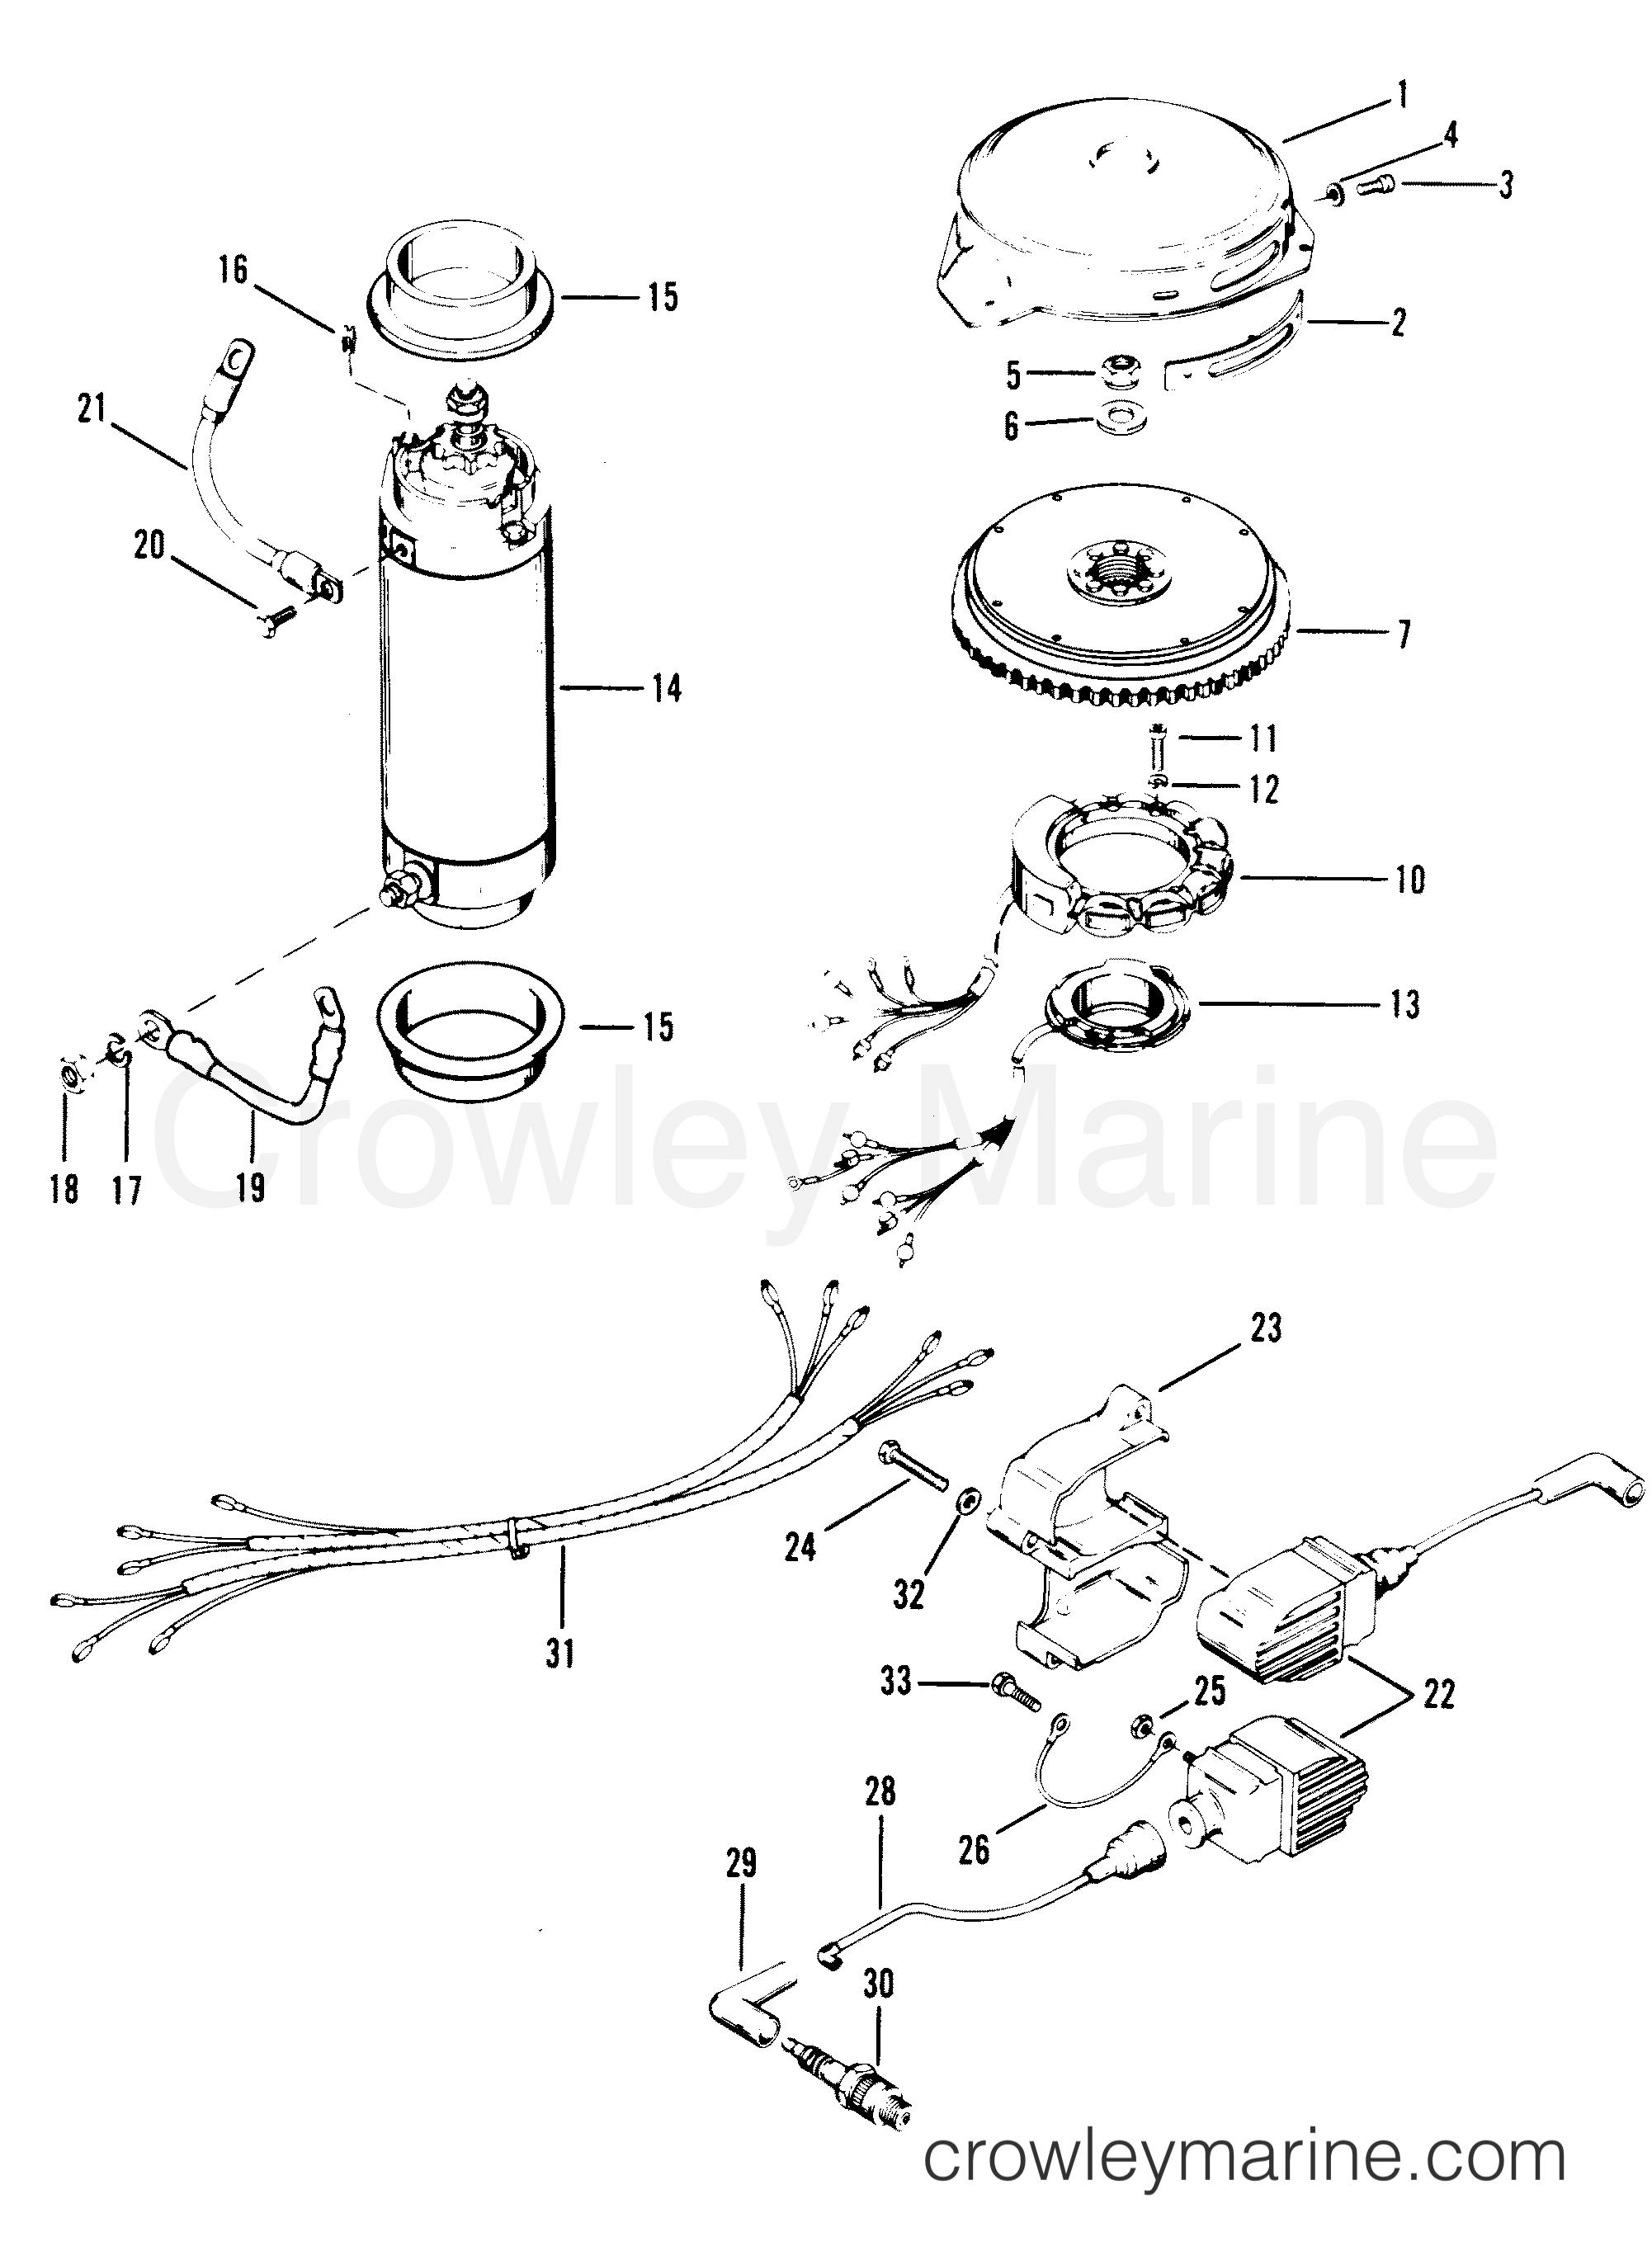 Wiring Mercury Diagram Harness 150 Xr2